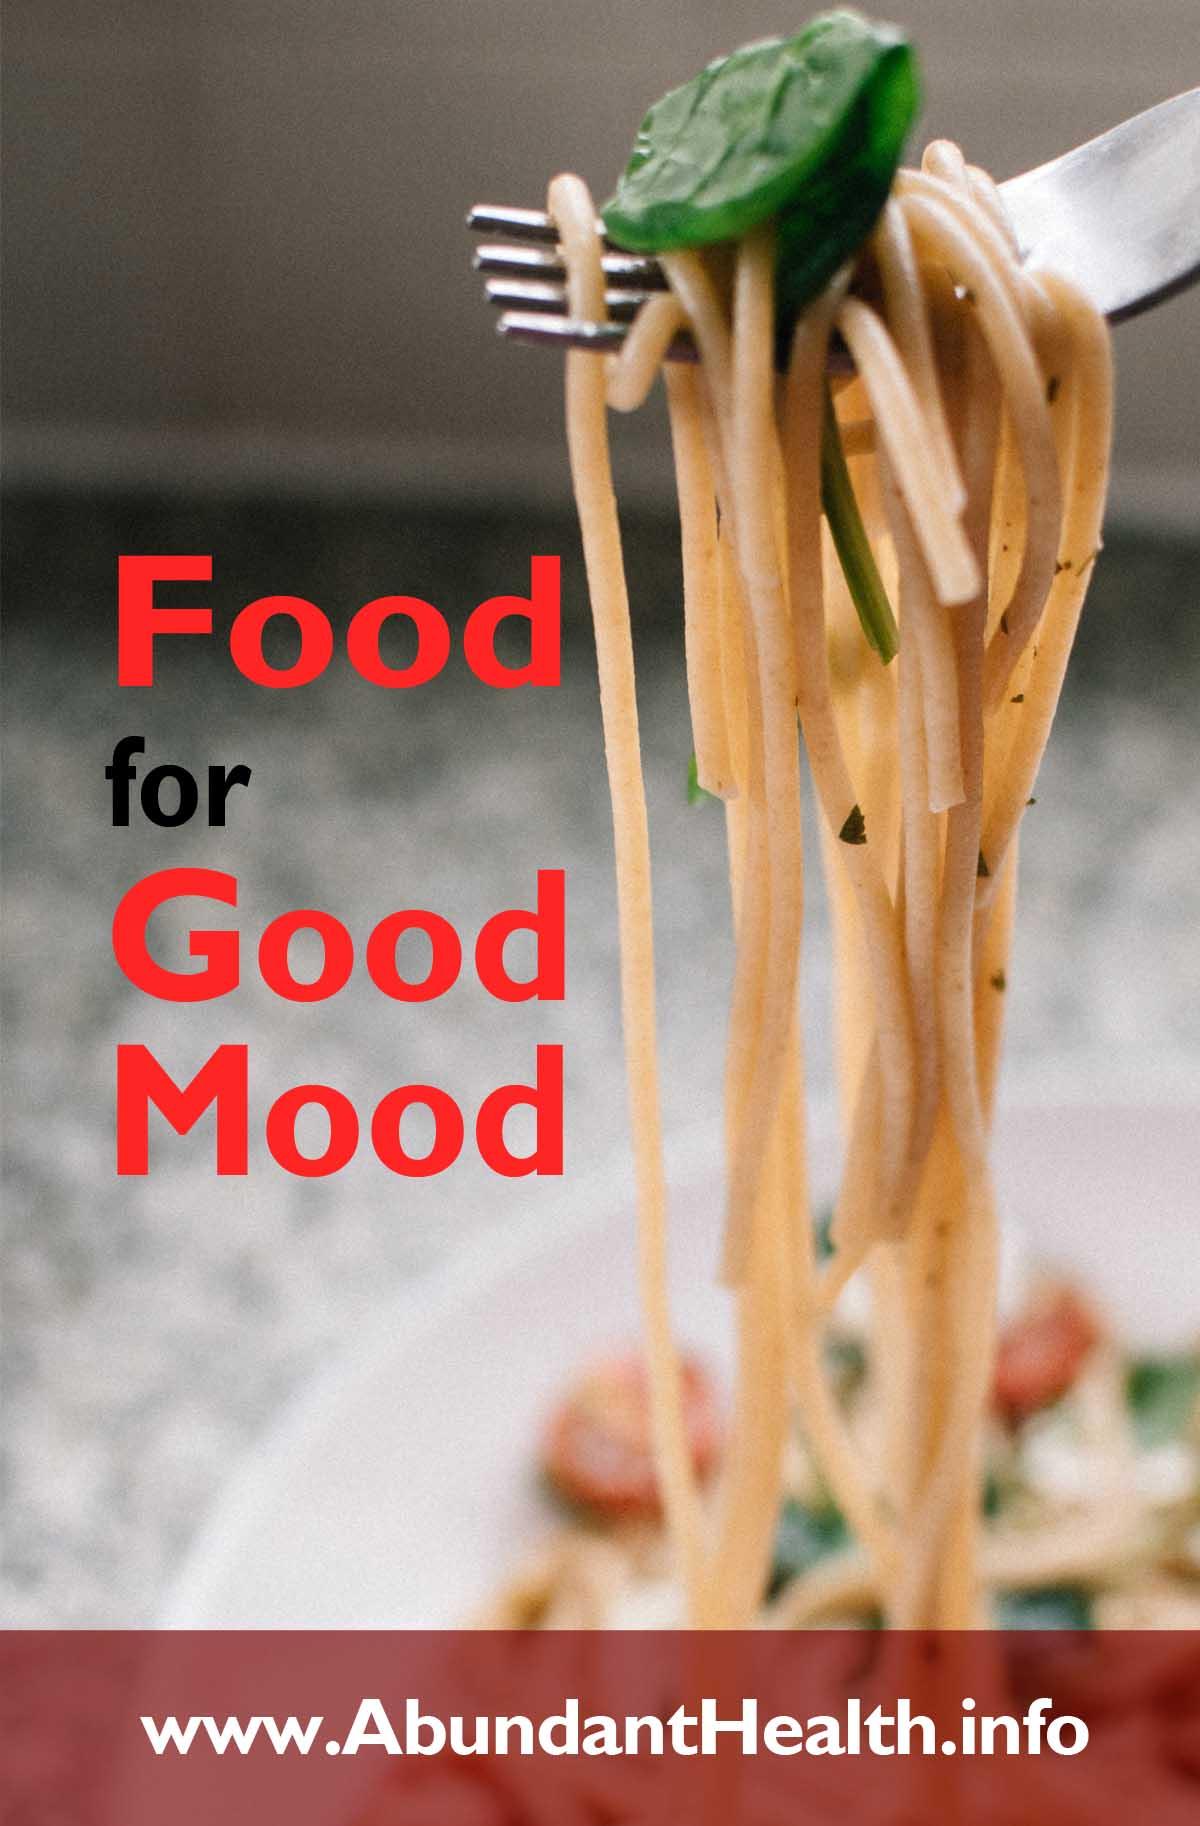 Food for Good Mood